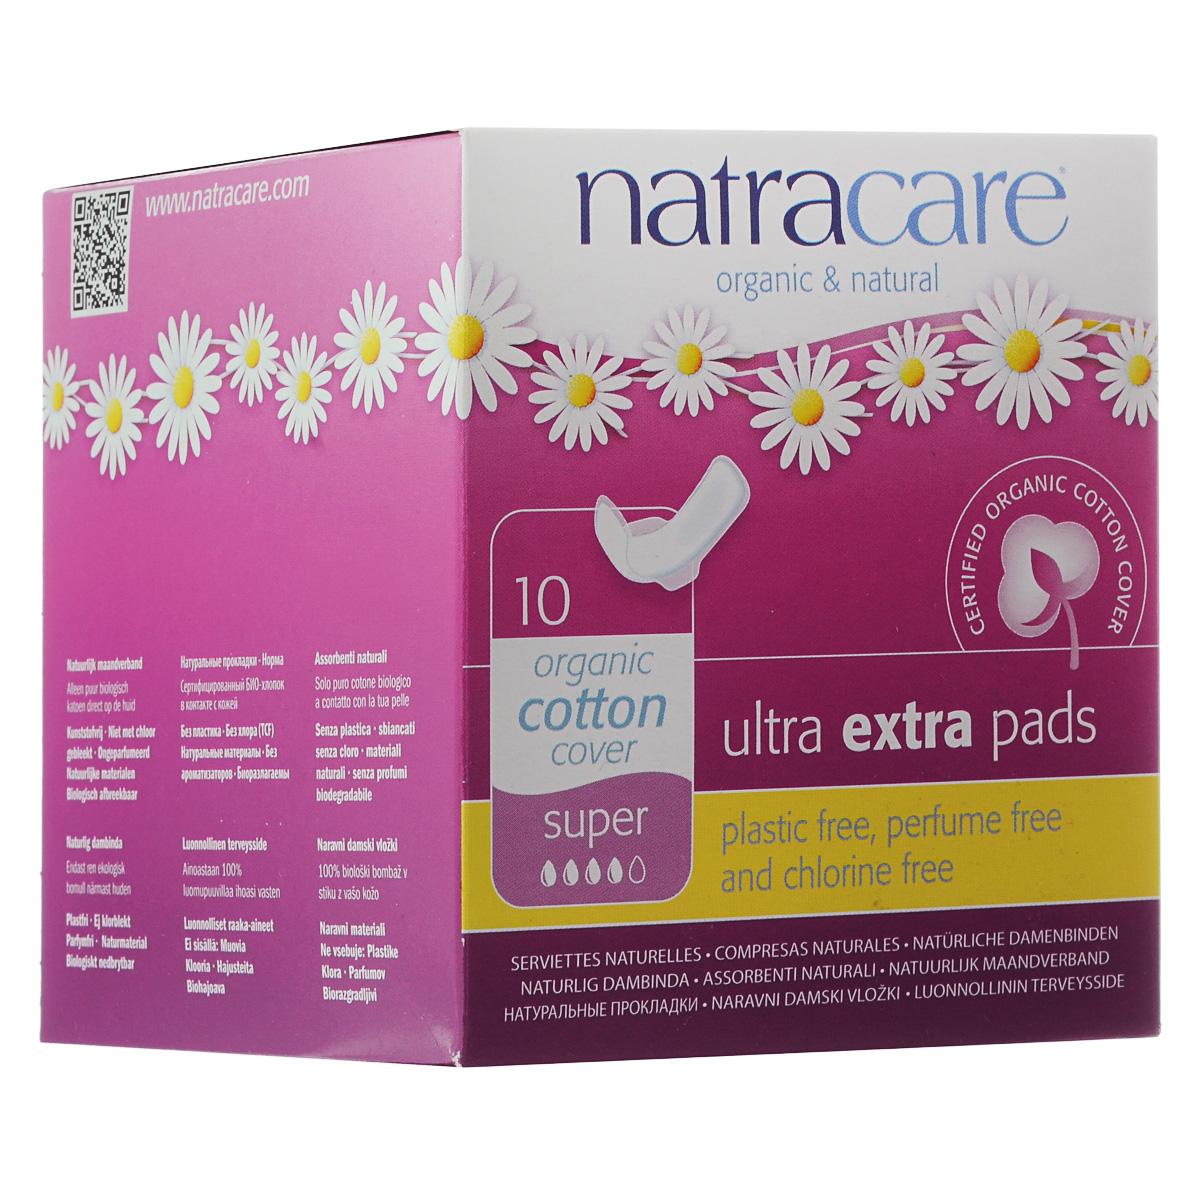 Natracare Гигиенические ультратонкие прокладки с крылышками Super, 10 шт.Satin Hair 7 BR730MNNatracare всегда смотрит в будущее. Это означает, что мы продолжаем внедрять инновации для улучшения качества обслуживания личные гигиенических потребностей женщин. Мы делаем это из уважительного отношения к их здоровью и здоровья окружающей среды.Новые продукты Natracare Ультра с крылышками: нормальные, удлиненные и супер изготовлены из органических и натуральных материалов. Прежнее высокое качество с улучшенными свойствами за счет добавления еще одного уровня предлагается как возможность более точного выбора из всего диапазона гигиенический средств Natracare.